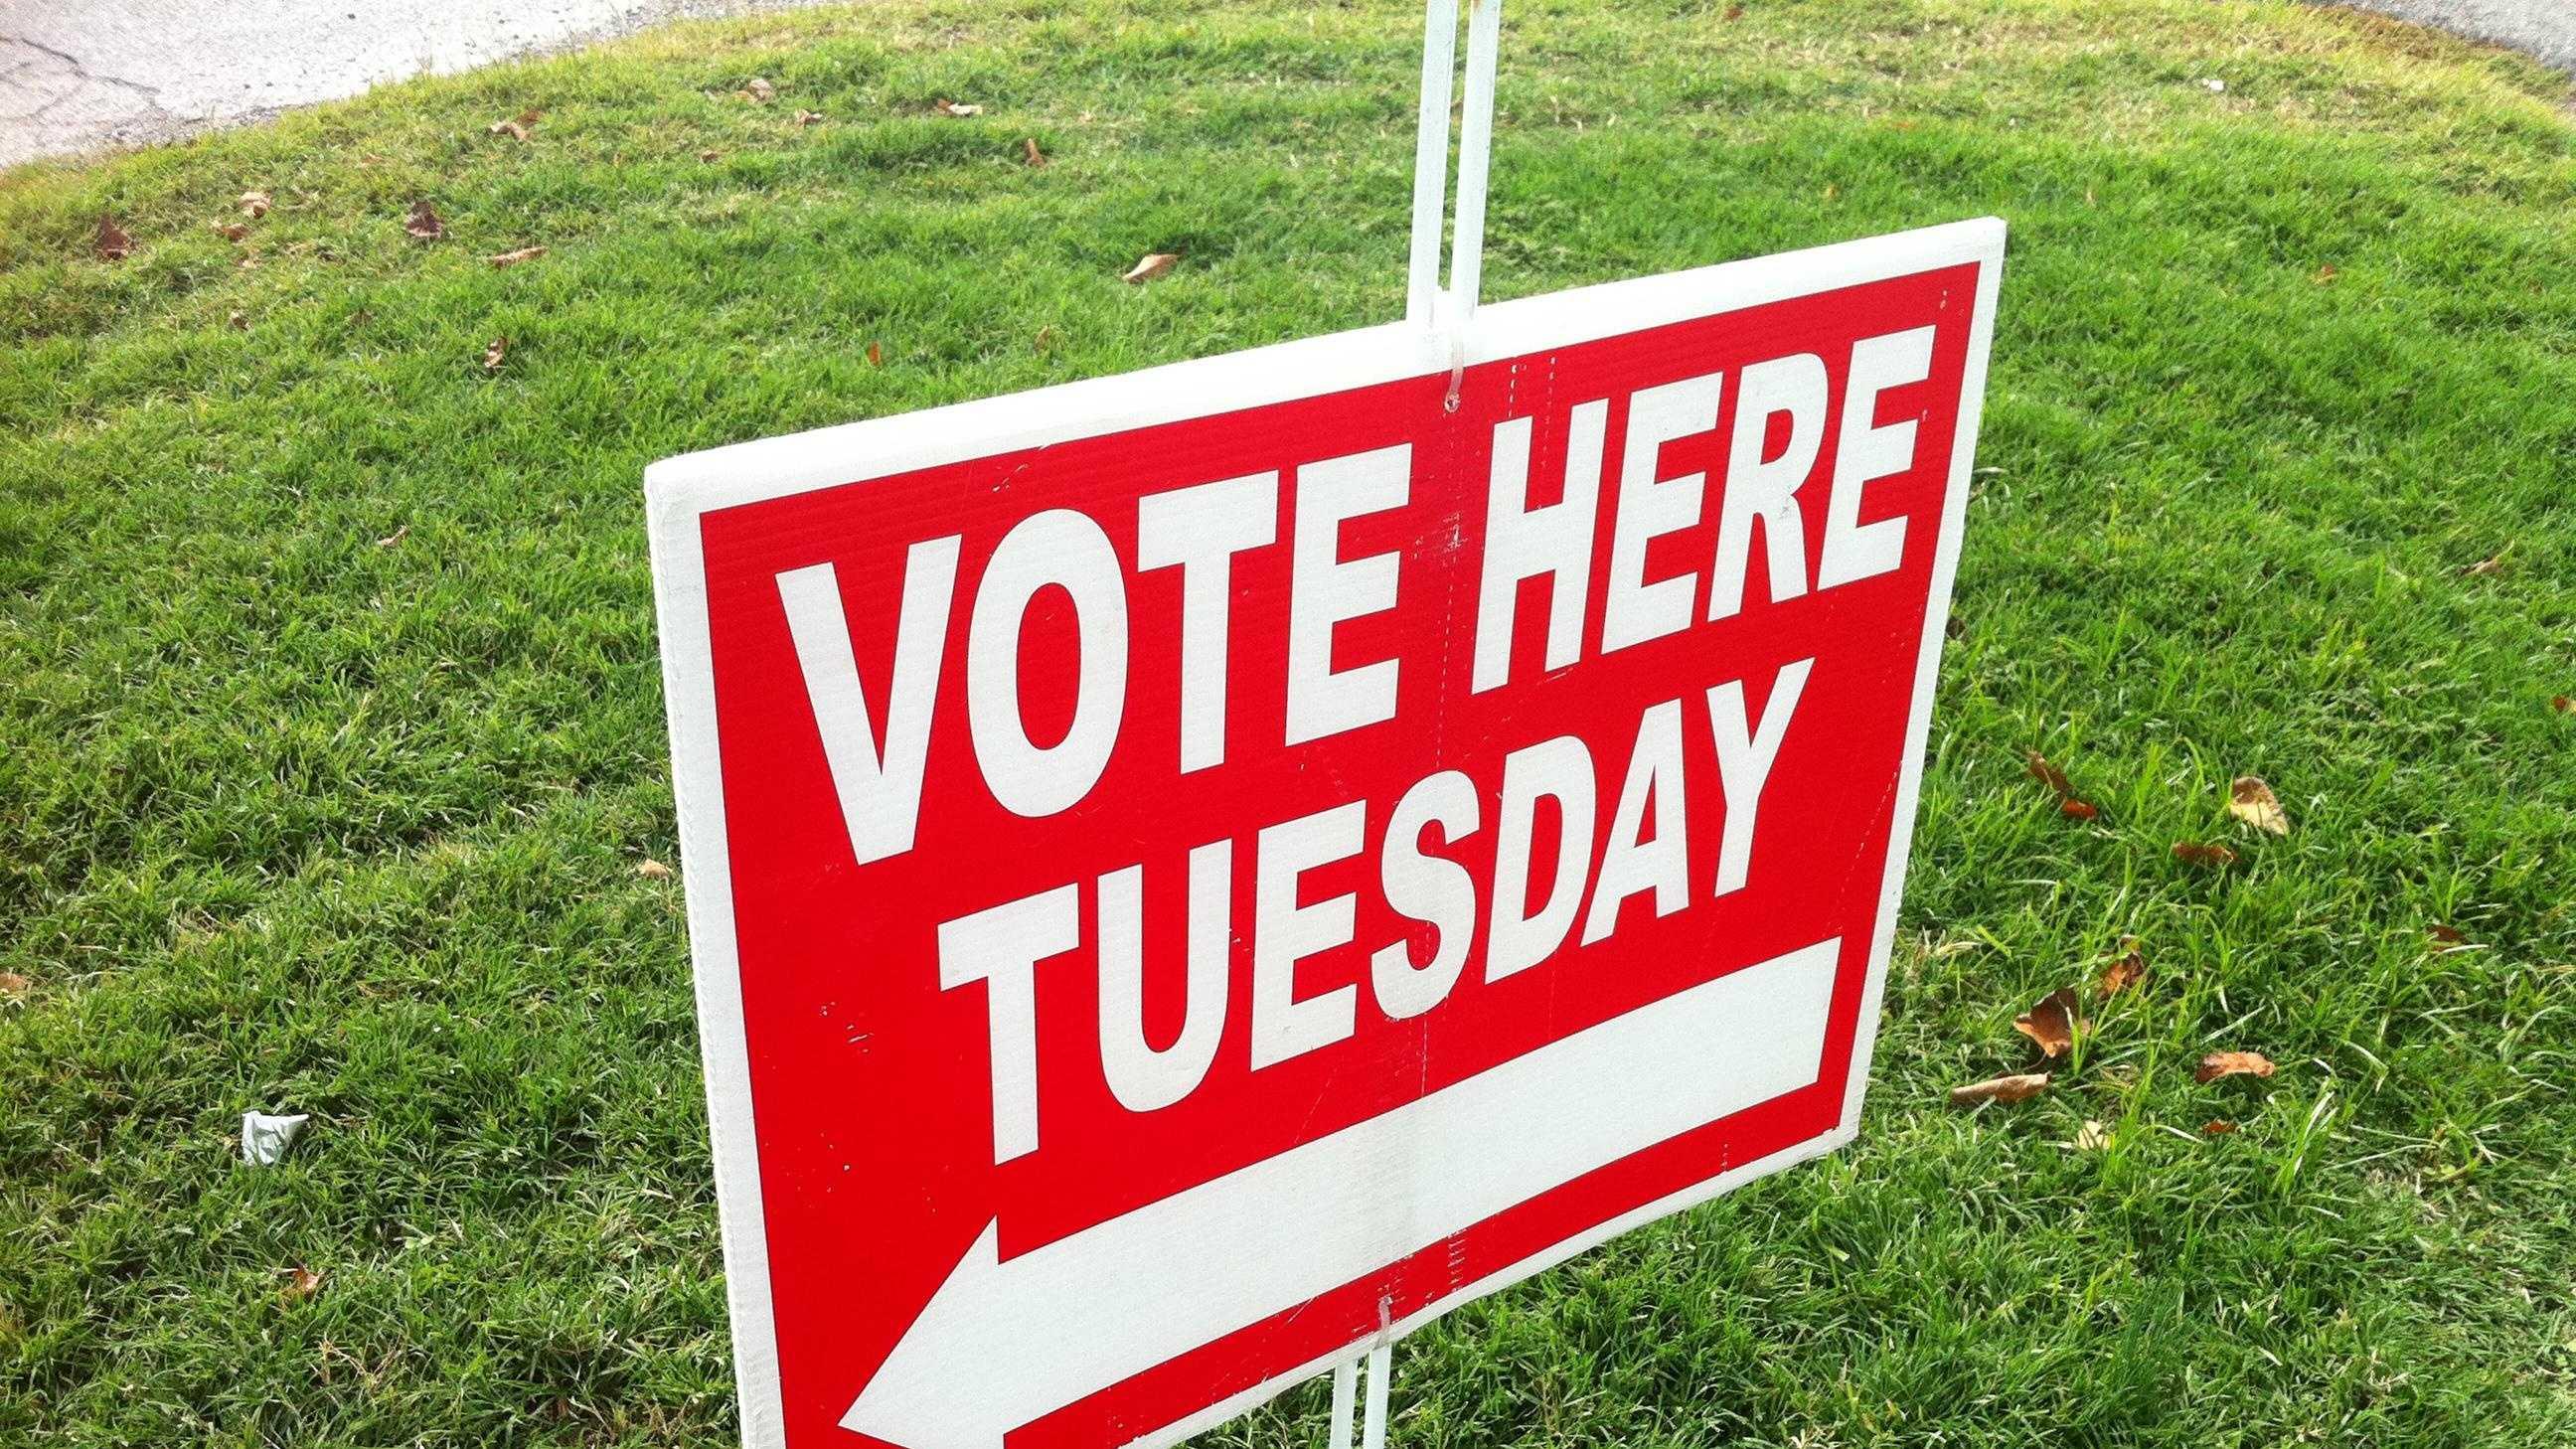 Vote Today GENERIC - 29453389